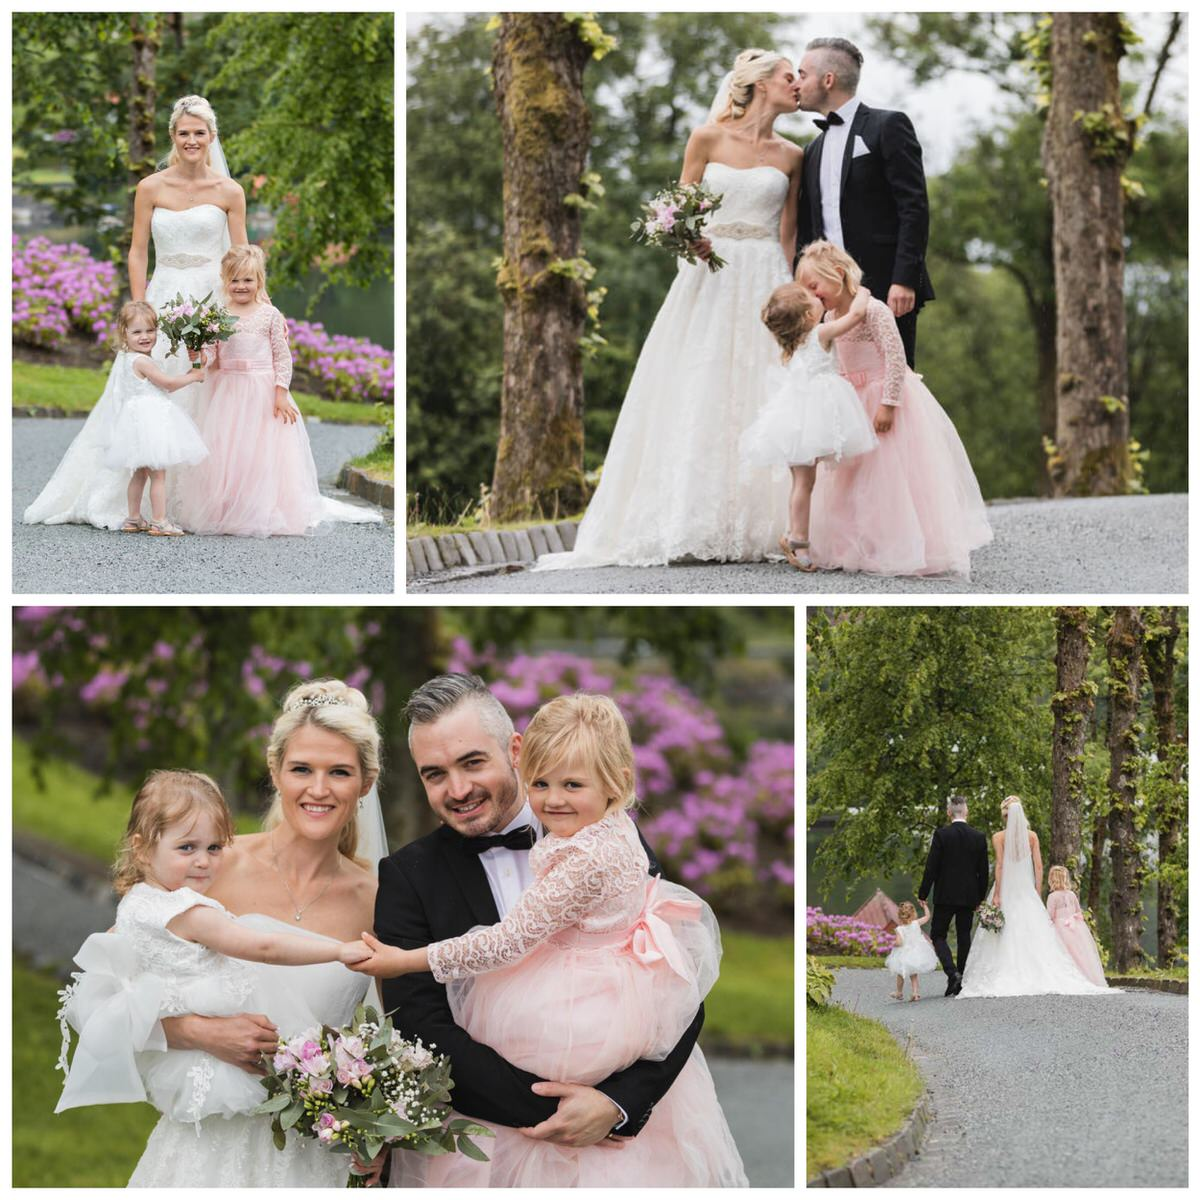 brud og brudgom med barn på gamlehaugen i bergen. brudebilder